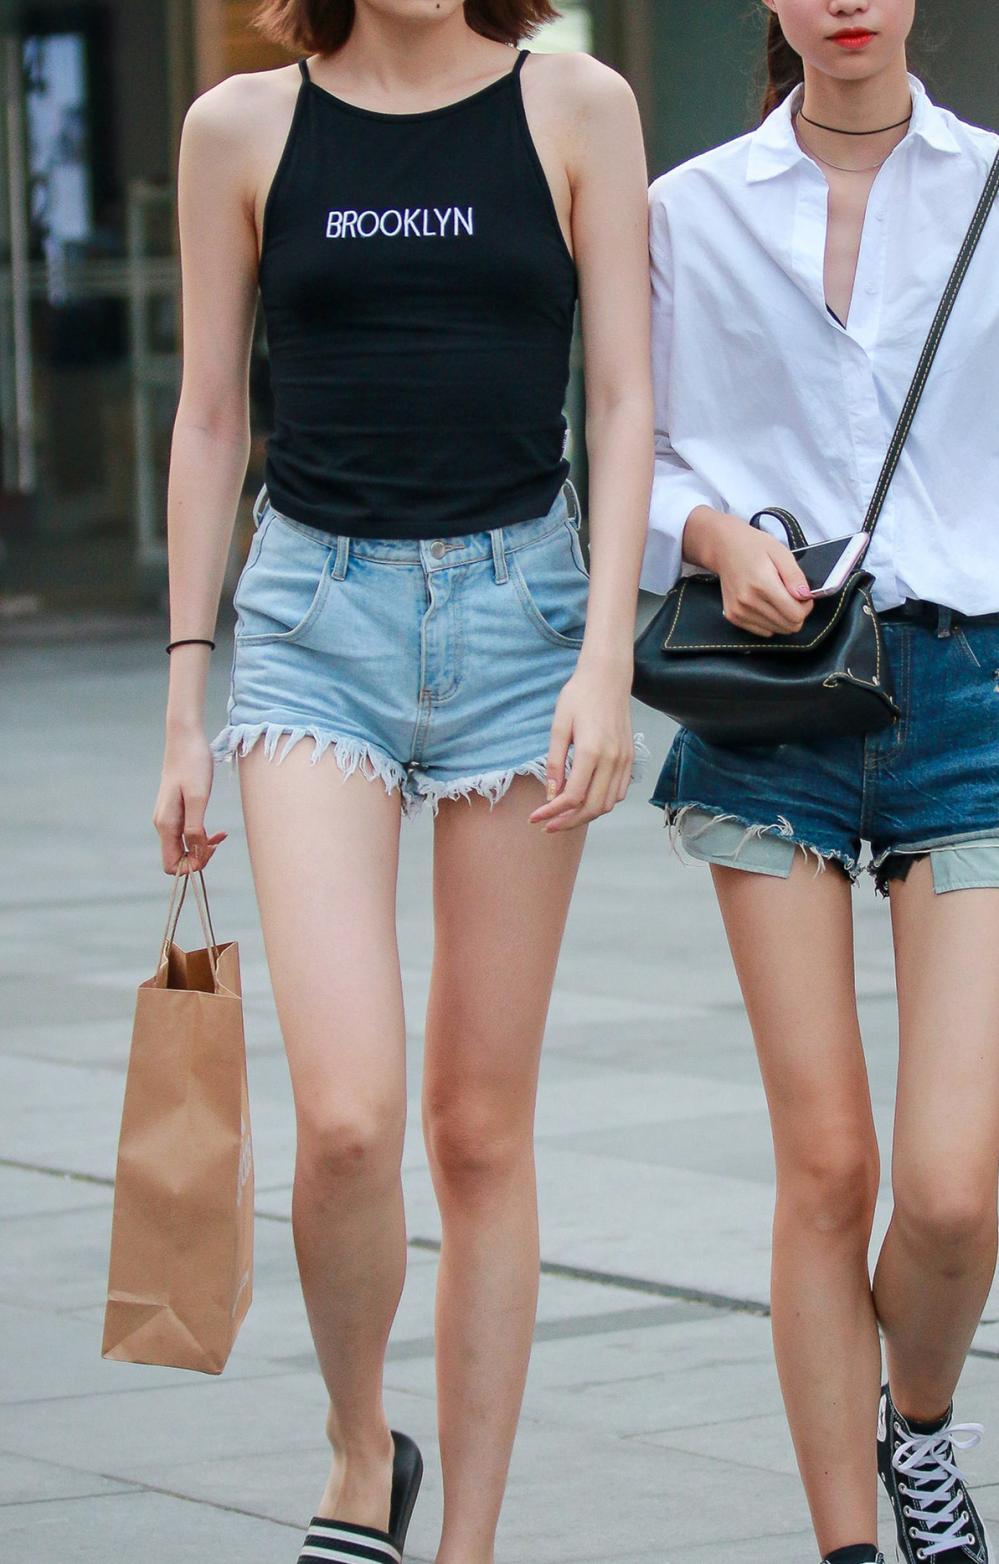 挂脖式露背上衣搭配超短裤的黄花大闺女, 1米2大长腿晳白美丽 1